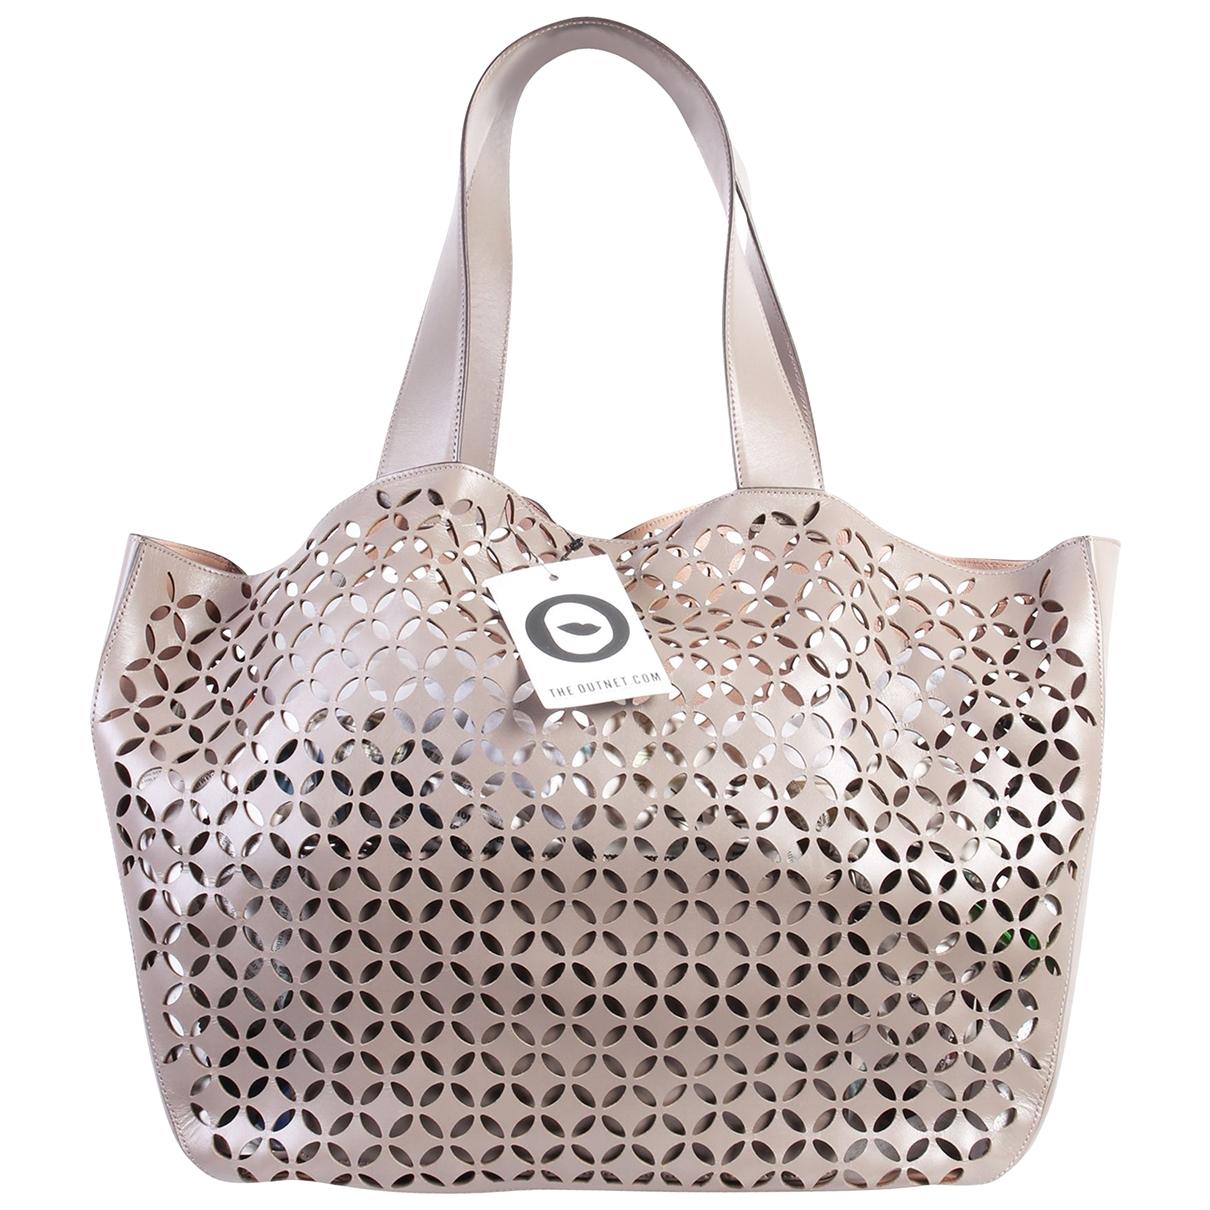 Alaia \N Handtasche in  Grau Leder